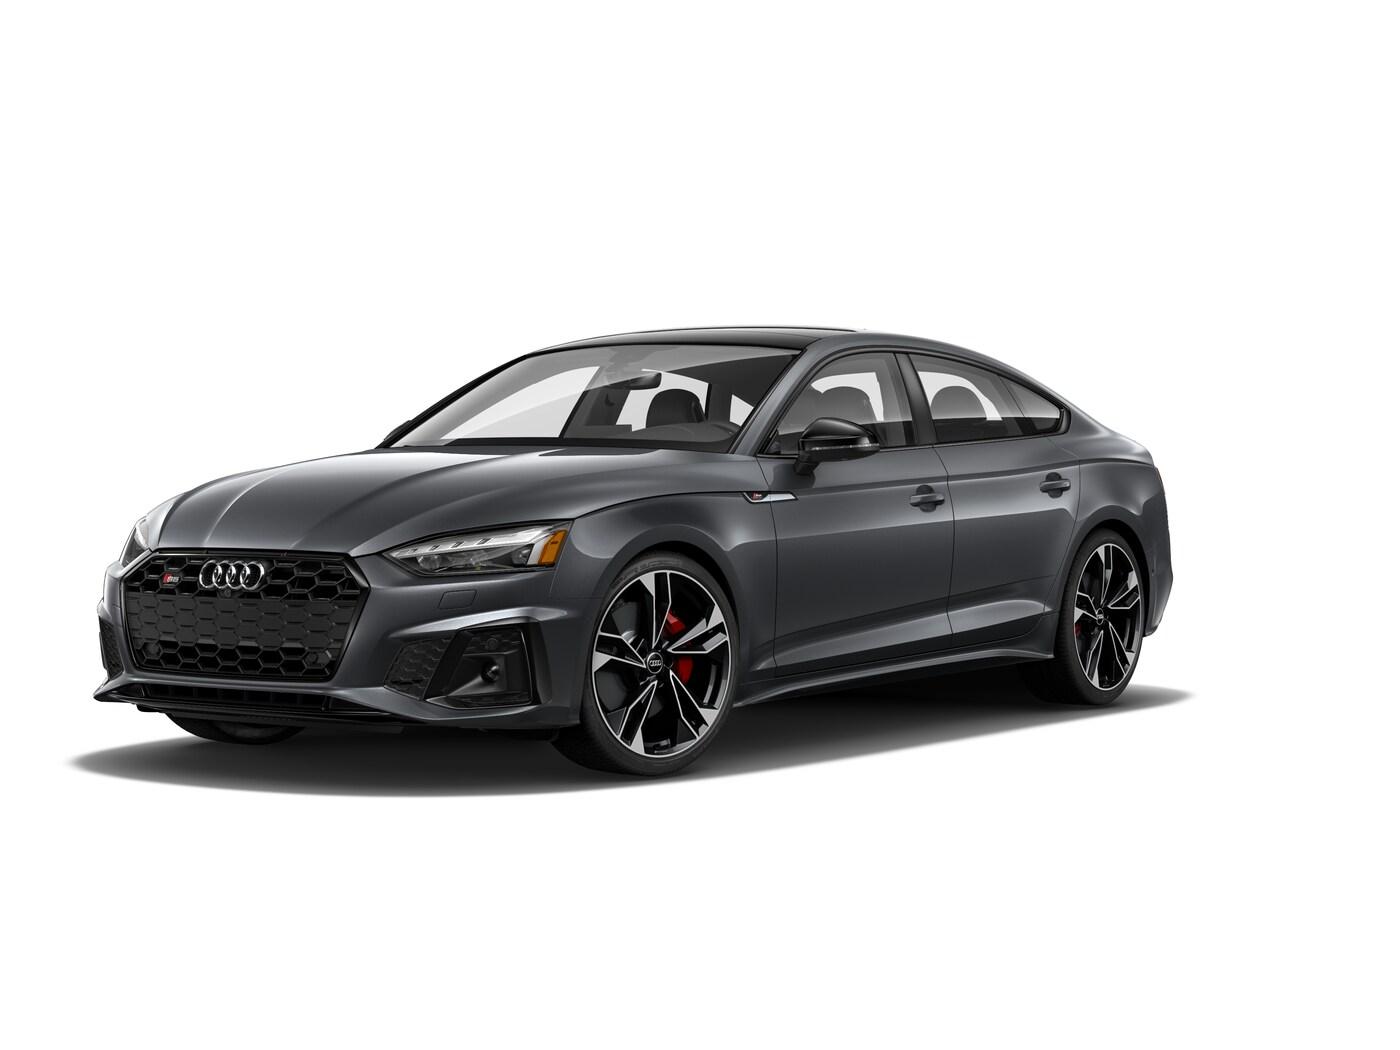 2021 Audi S5 Prestige 3.0 TFSI quattro